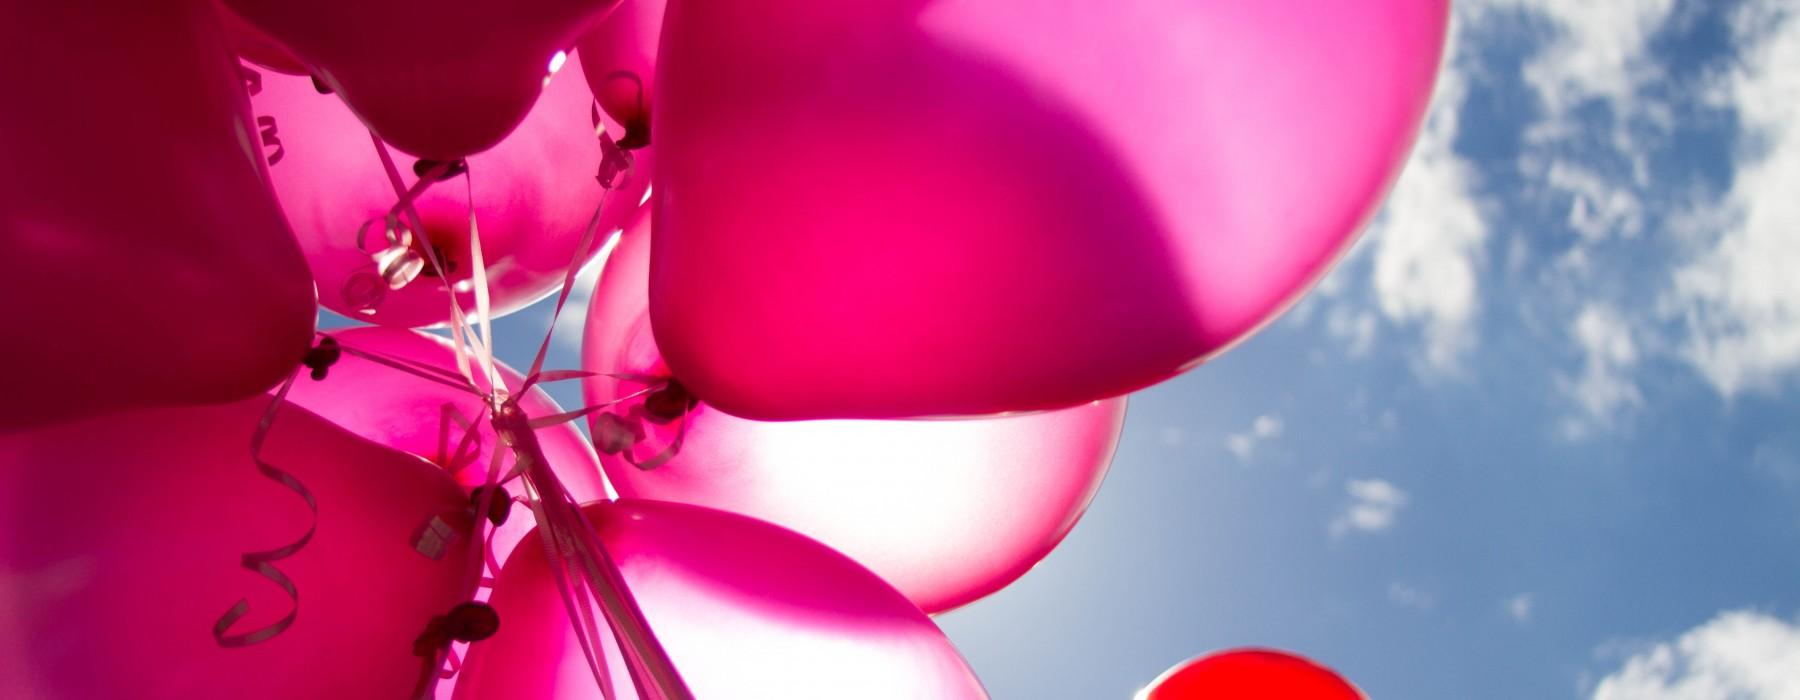 Podano do łóżka #77: Plakaty antymotywacyjne i balony z helem